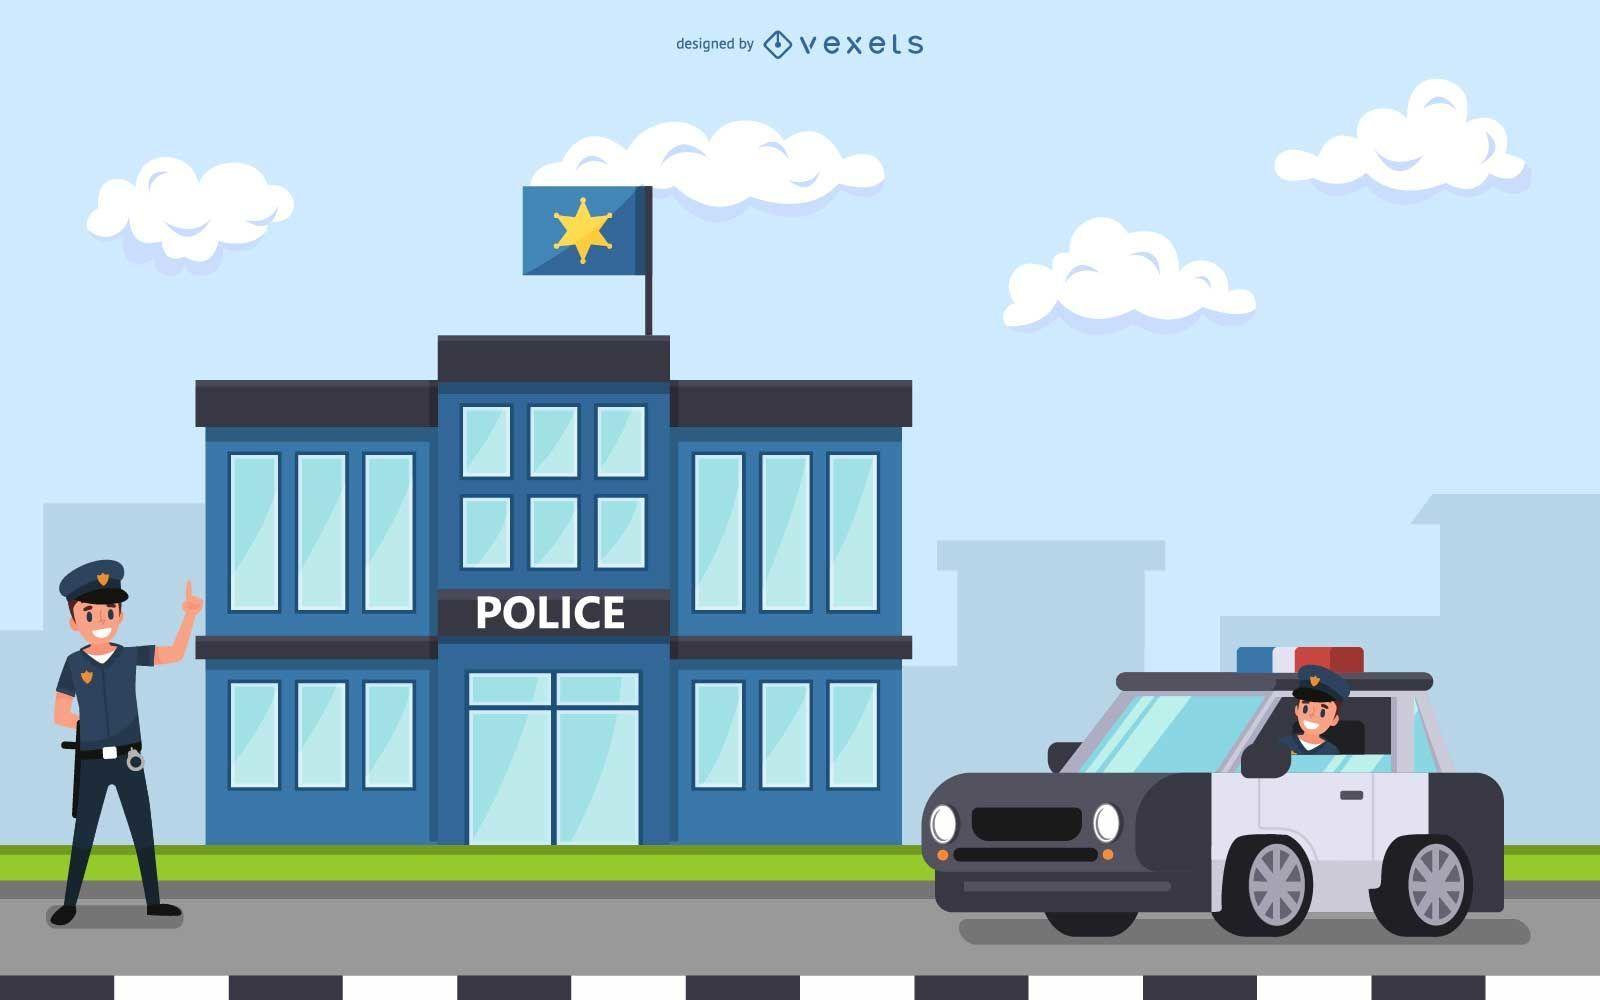 Police station illustration design